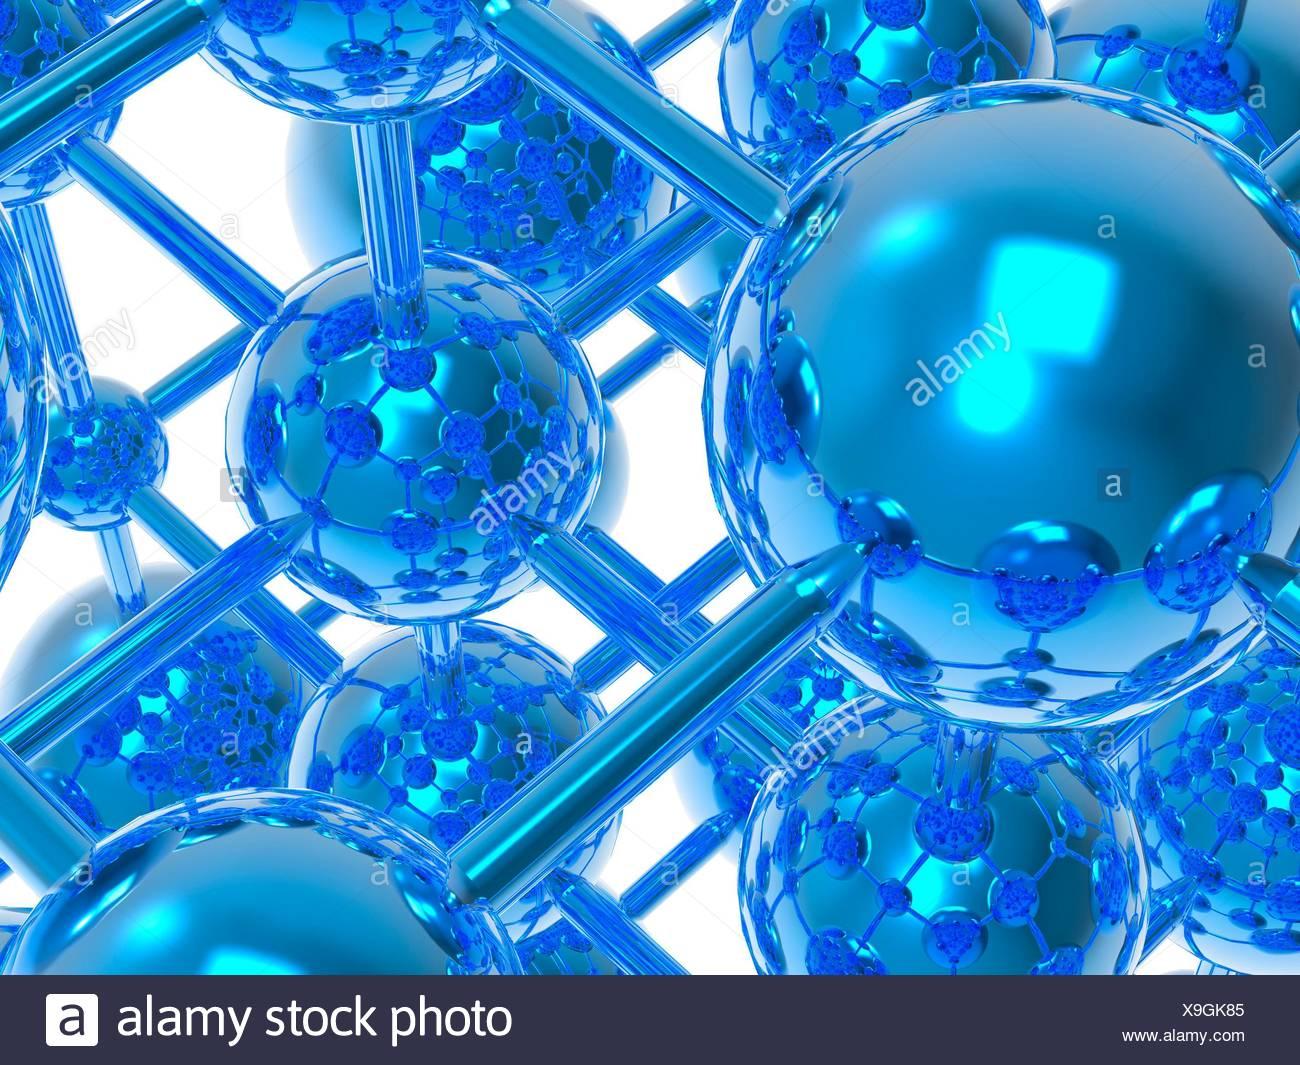 Molécule générique, l'oeuvre de l'ordinateur. Photo Stock